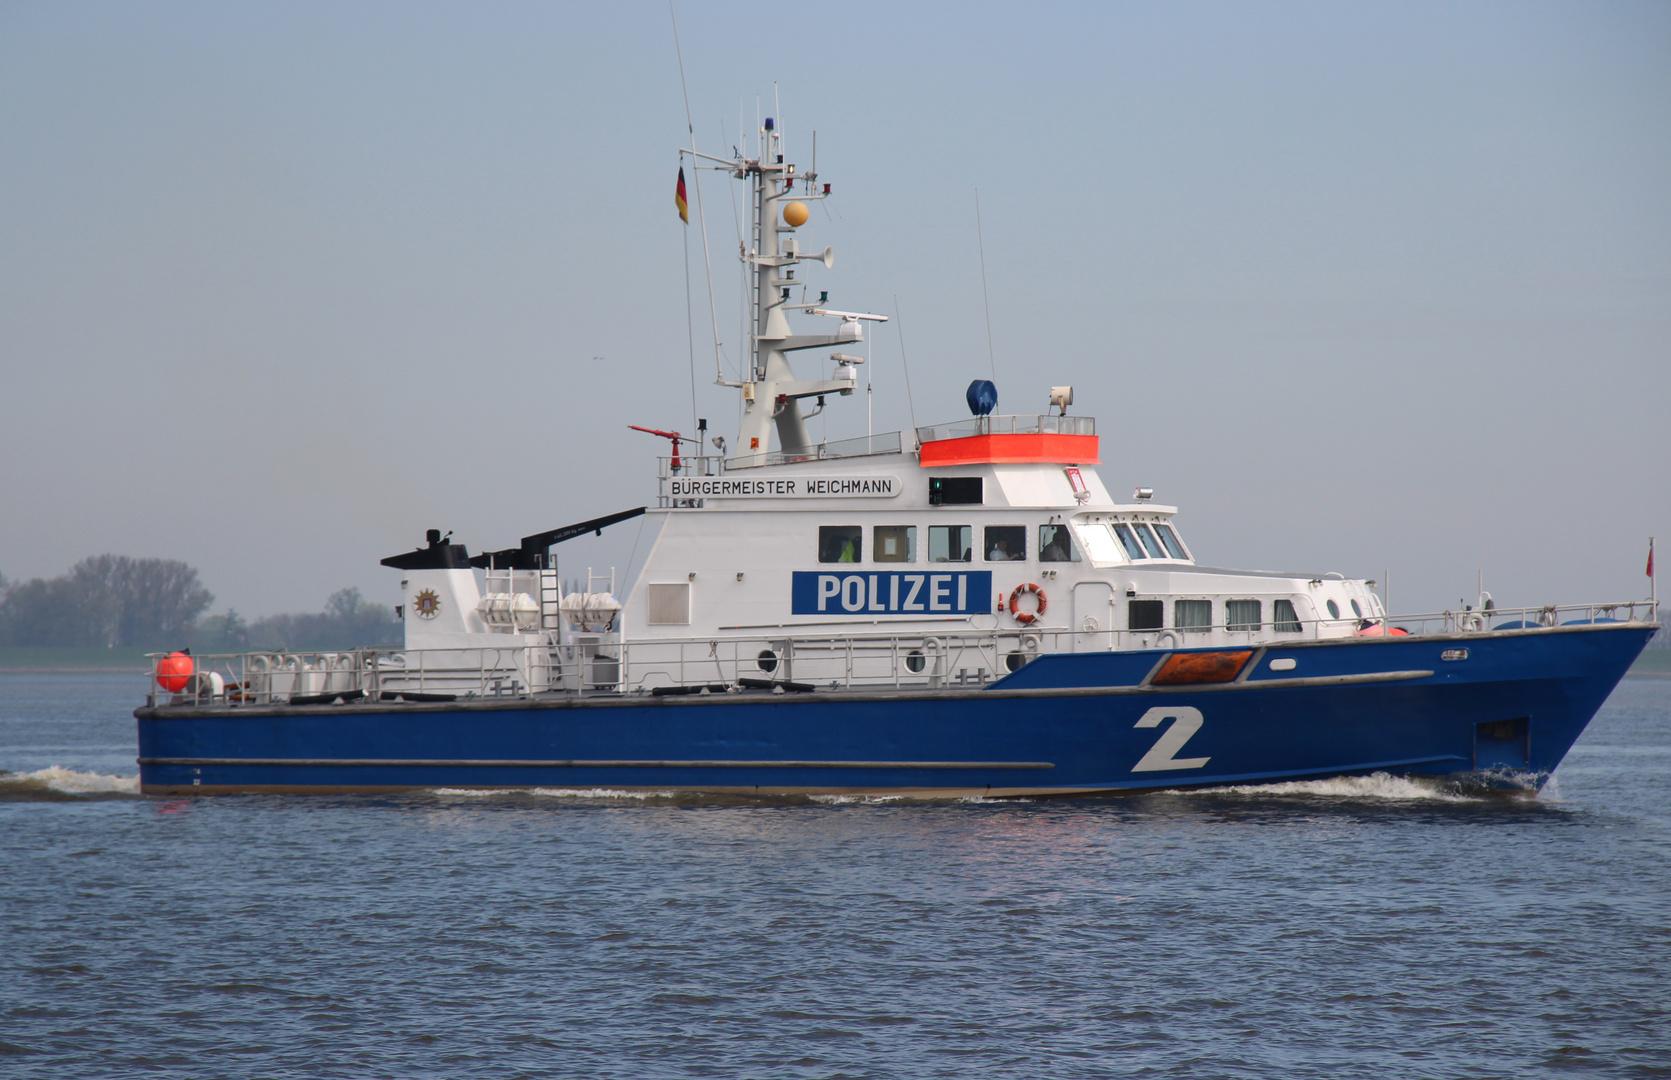 Polizeiboot auf der Elbe